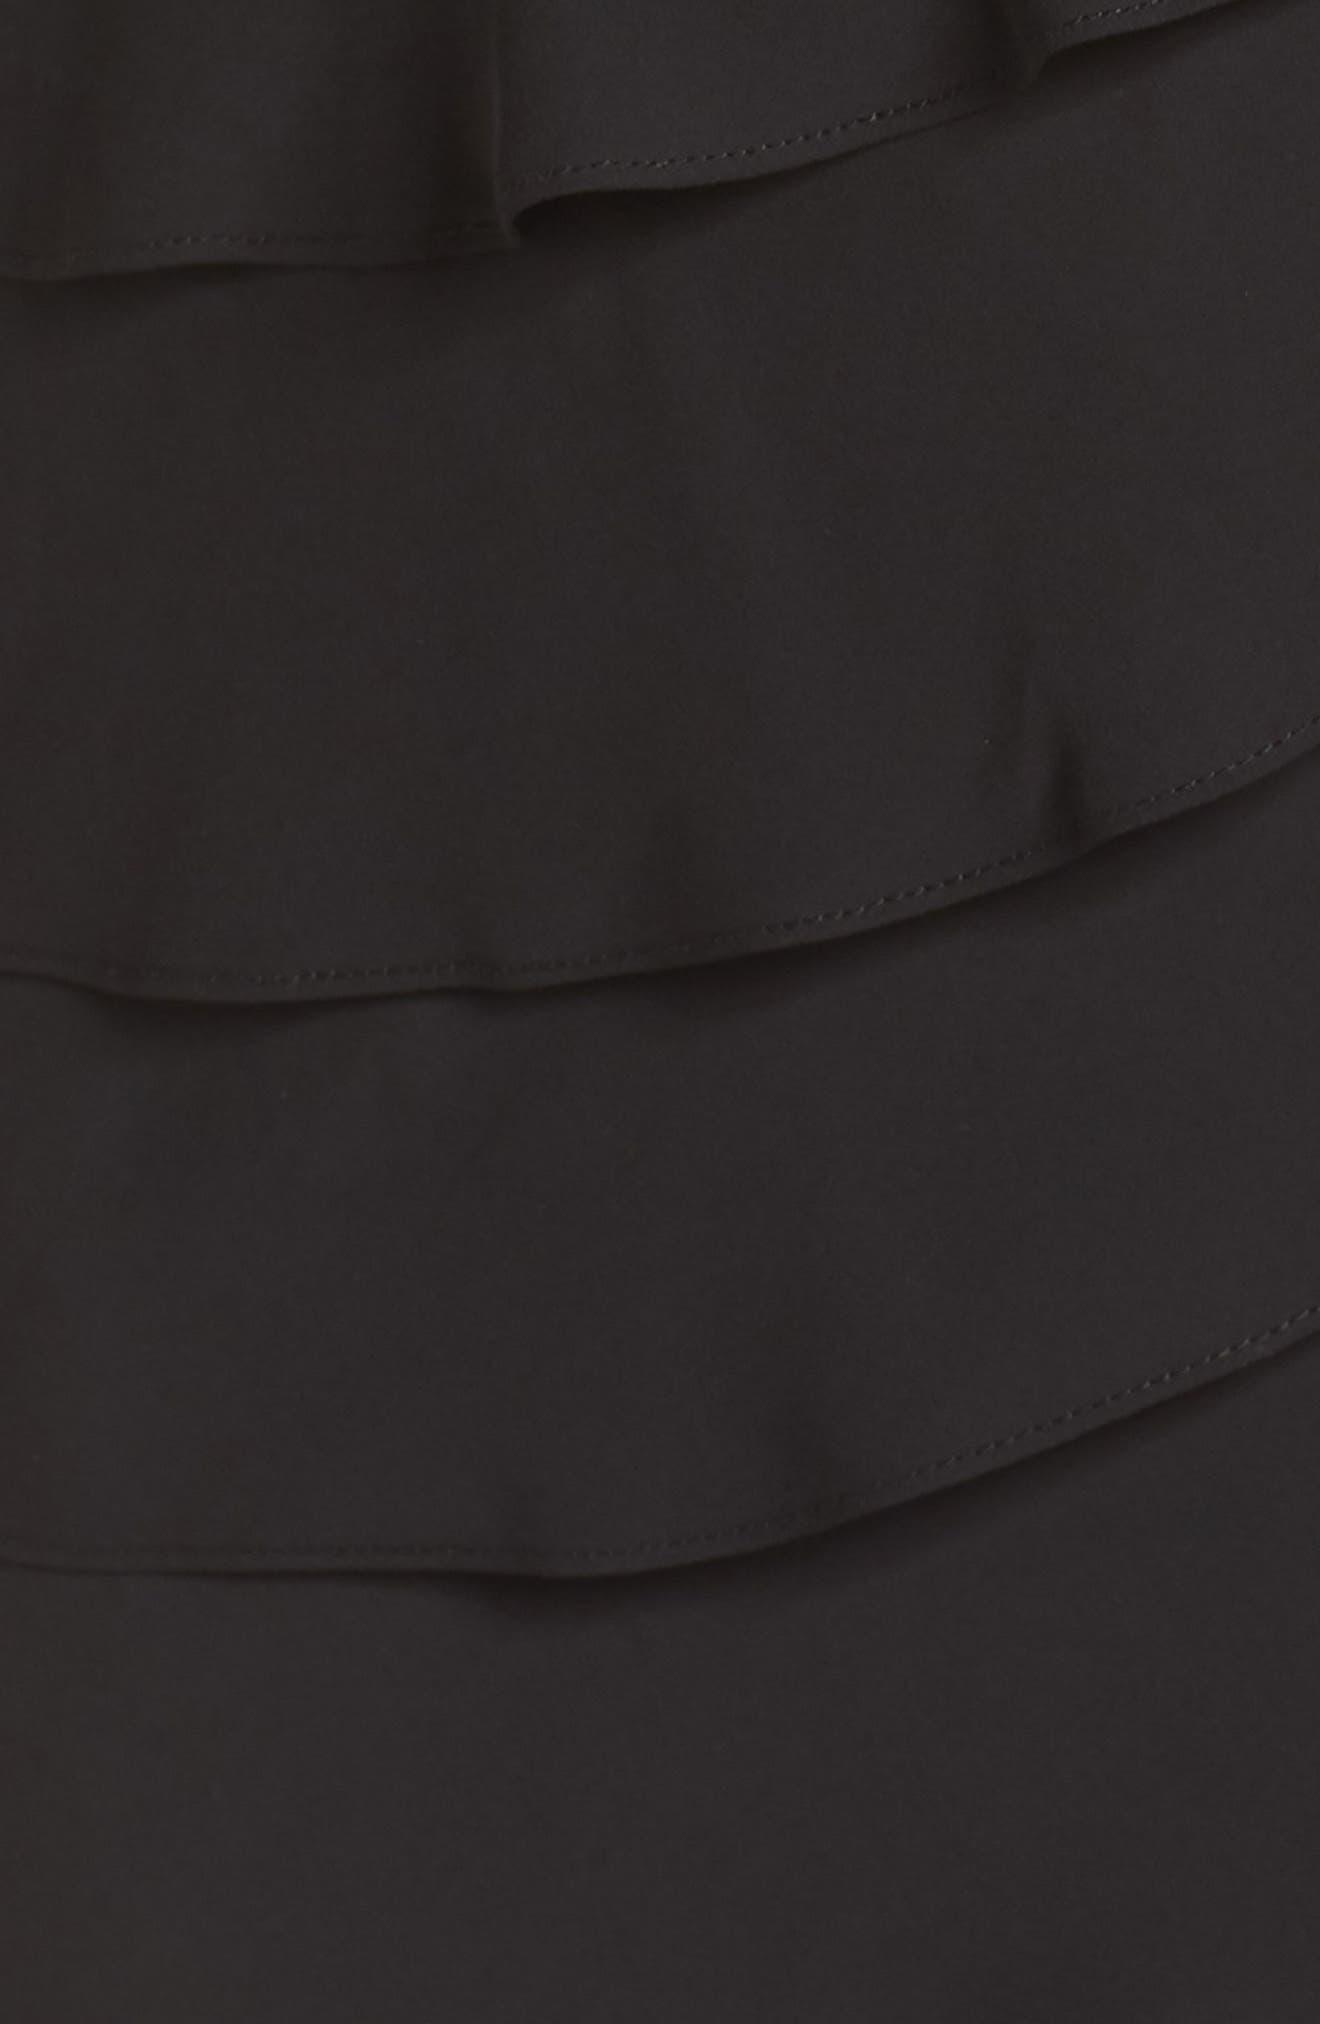 Lace & Shutter Pleat Gown,                             Alternate thumbnail 4, color,                             Black